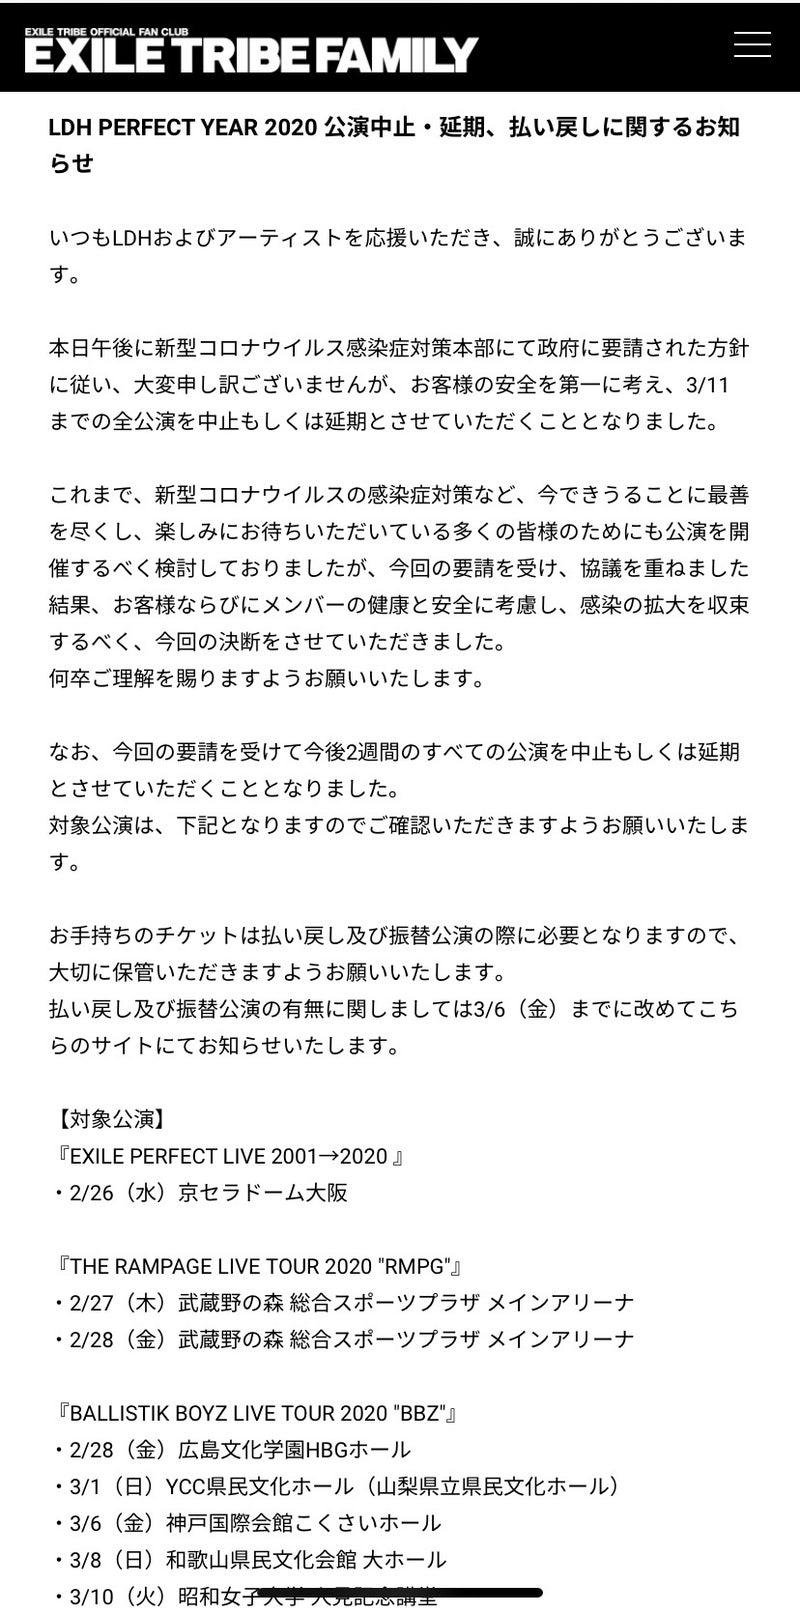 ライブ ラン 中止 ページ